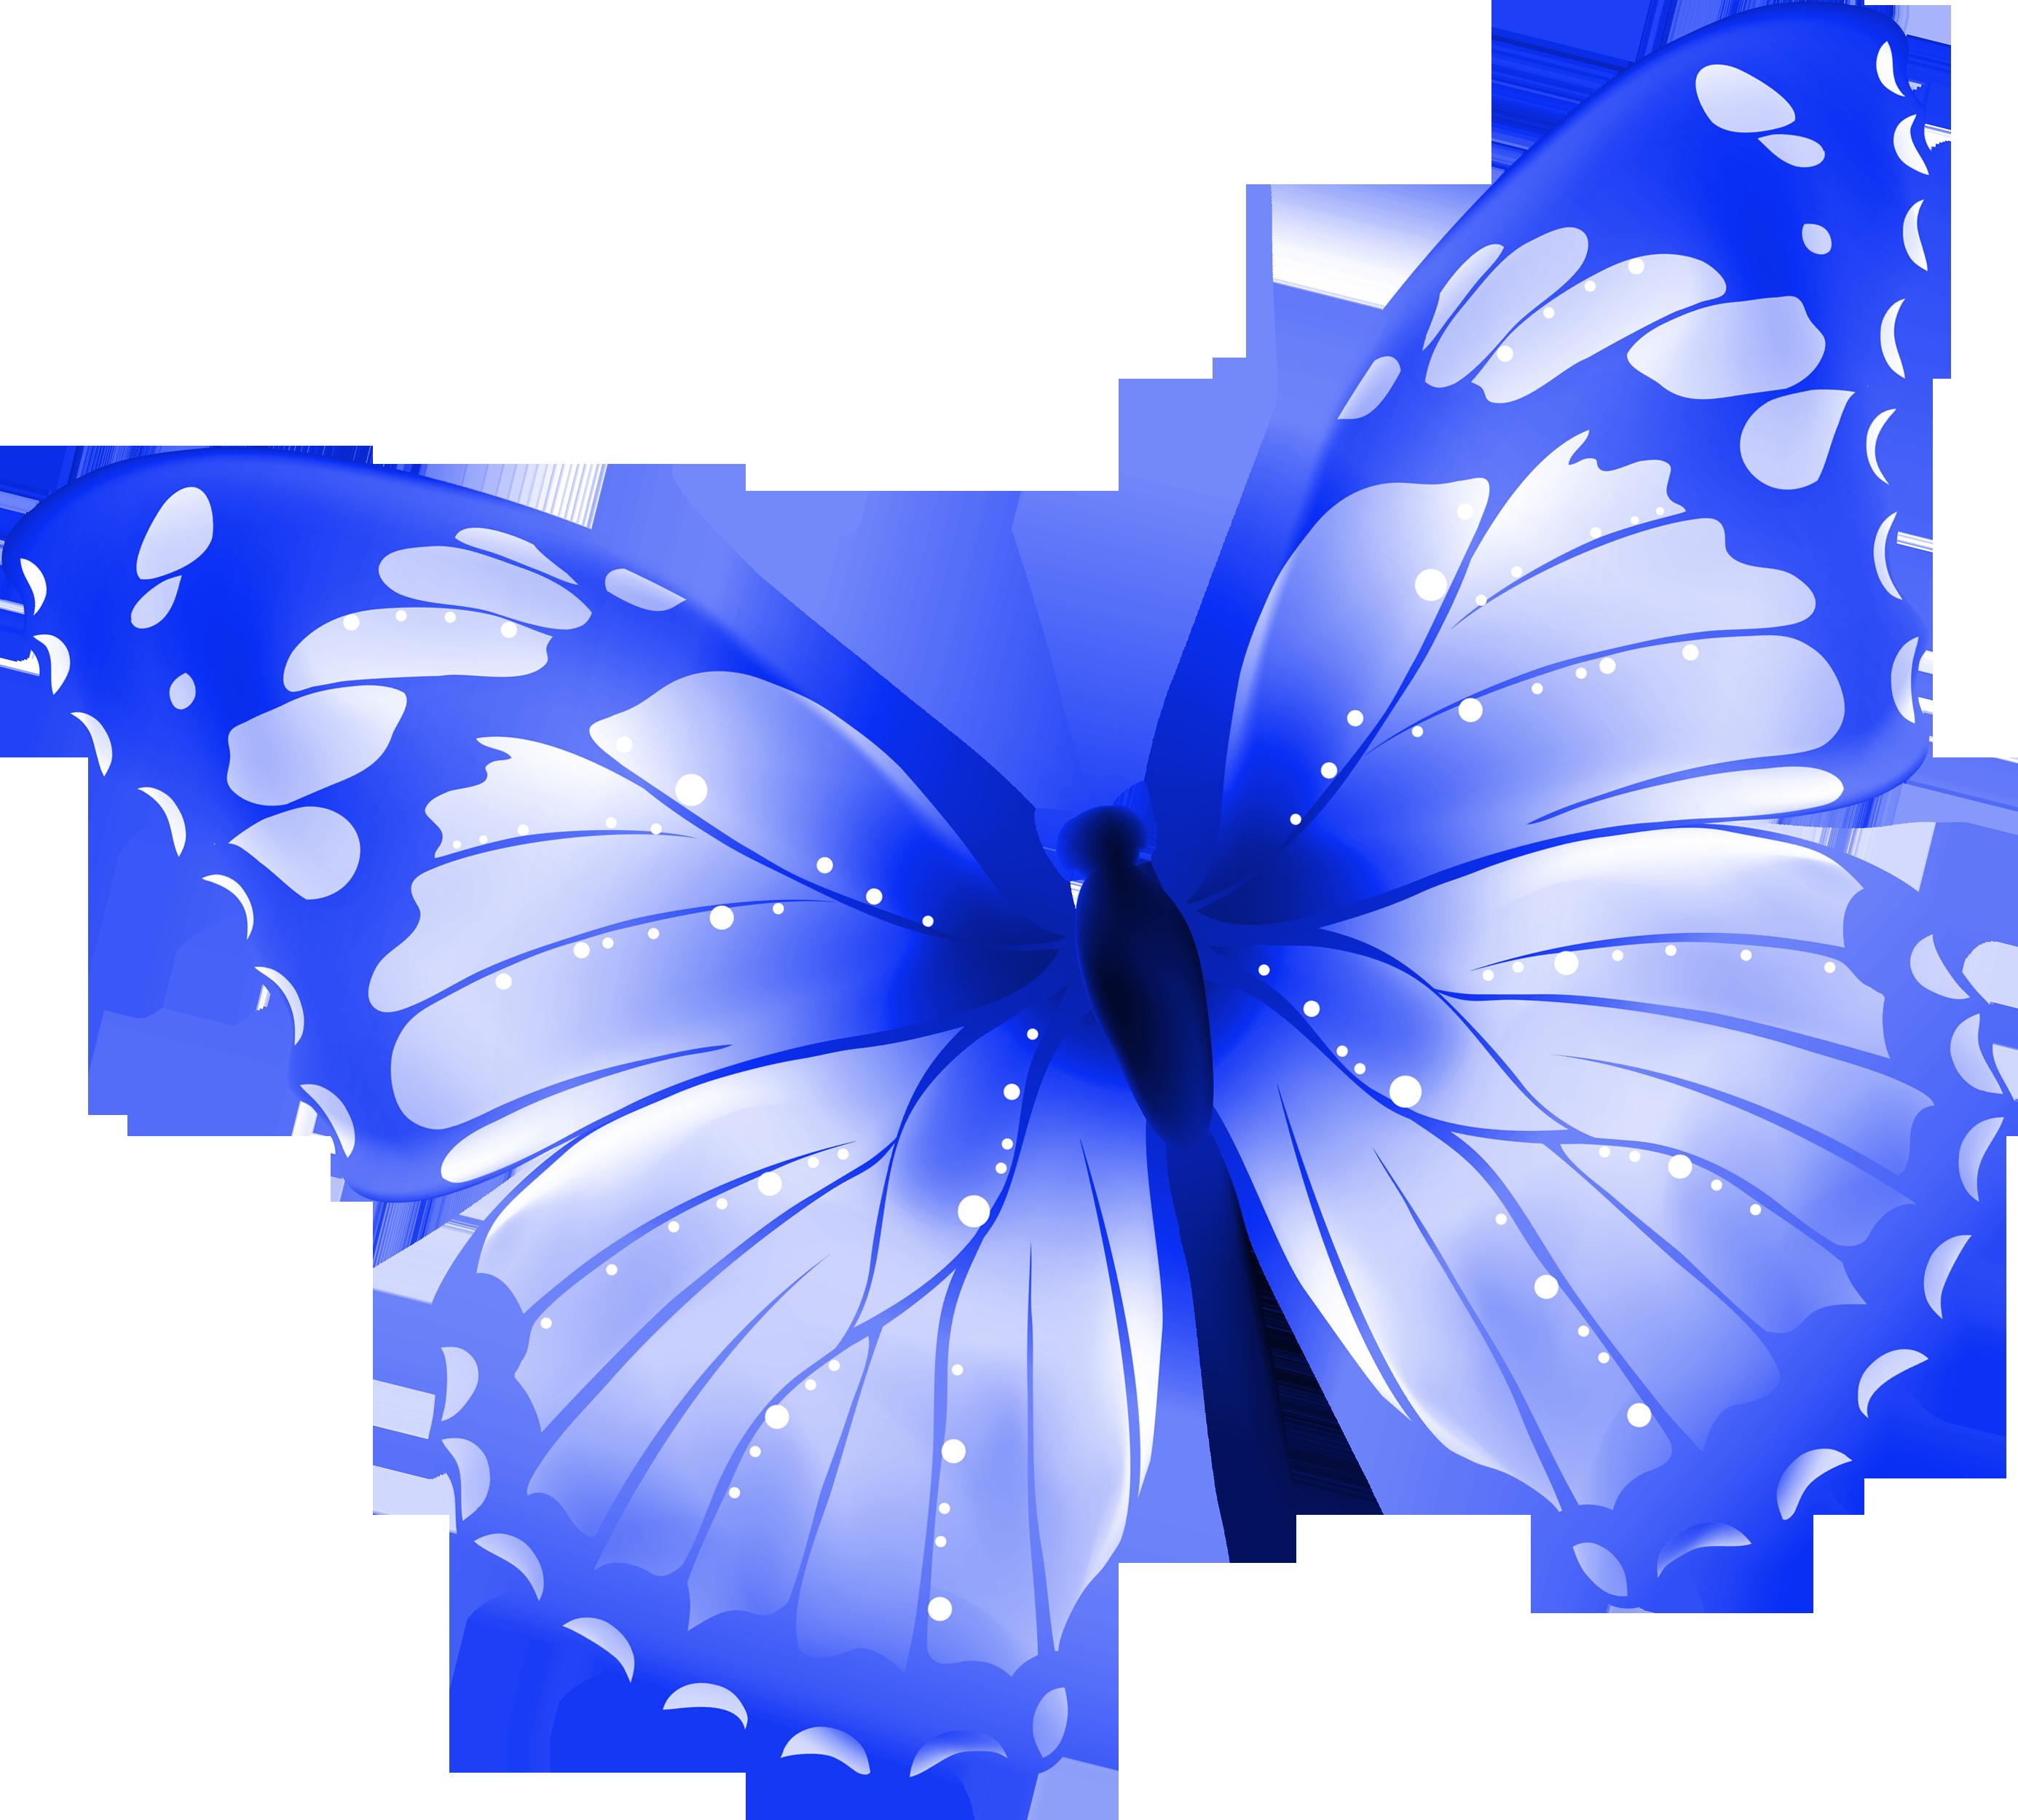 Бабочки рисунок на прозрачном фоне